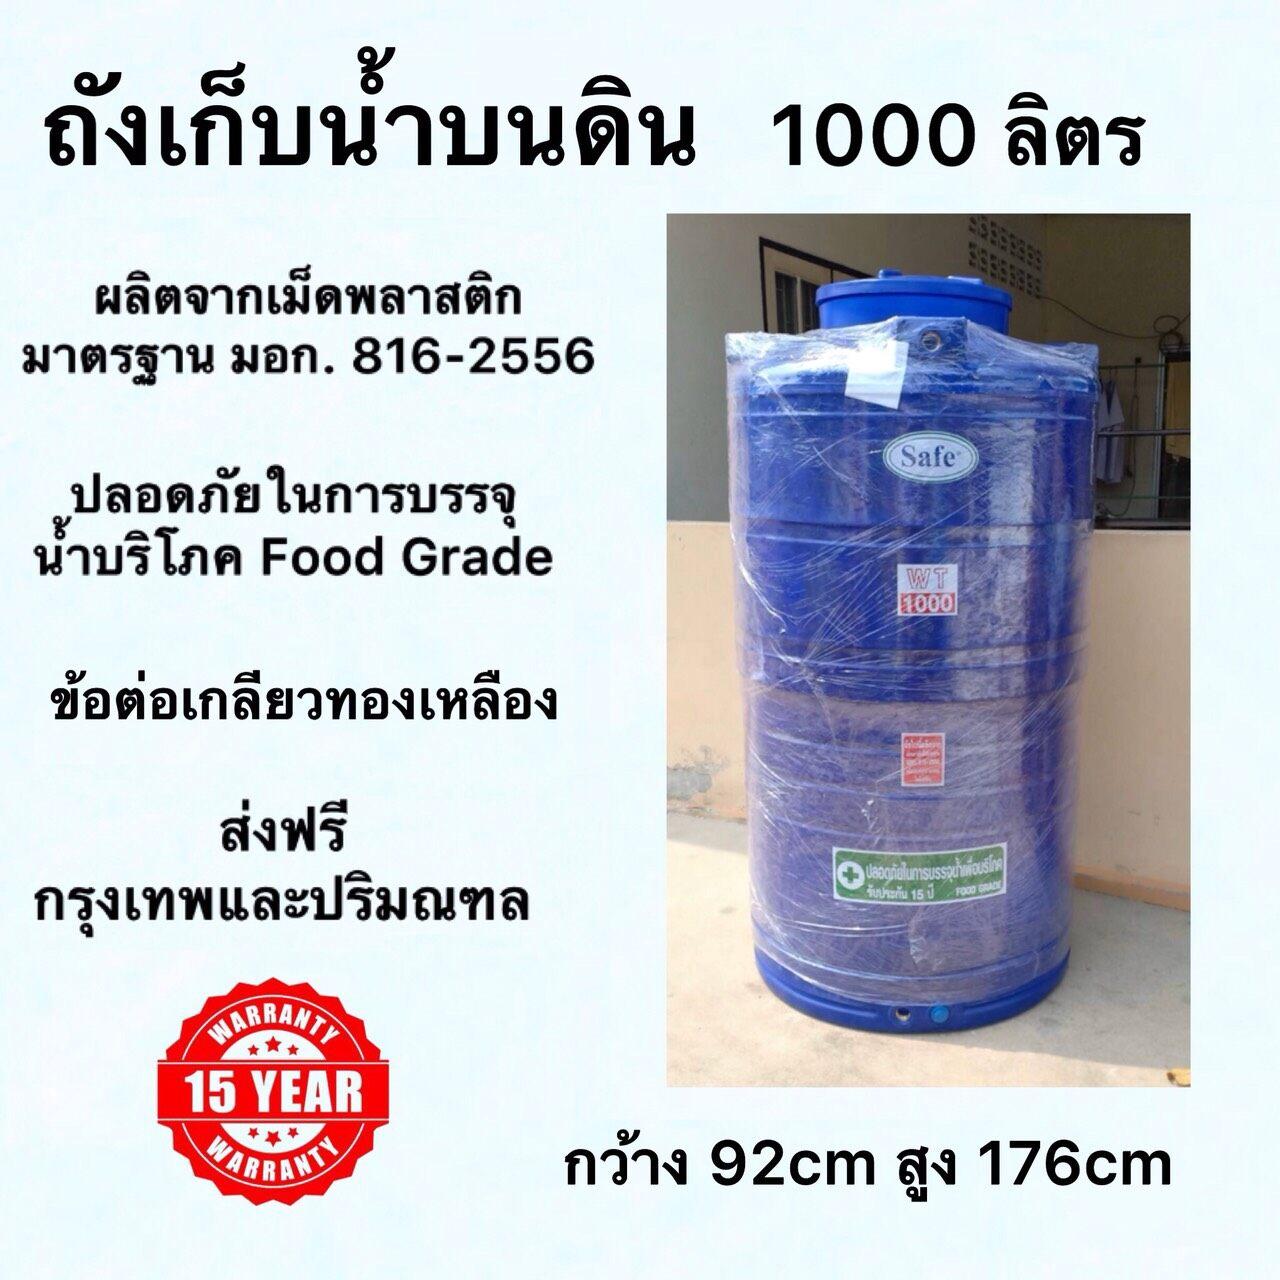 ถังเก็บน้ำ 1000 ลิตร ทรงสูง ถังเก็บน้ำบนดิน แท้งค์น้ำ ถังเก็บน้ำ ส่งฟรีกรุงเทพและปริมณฑล